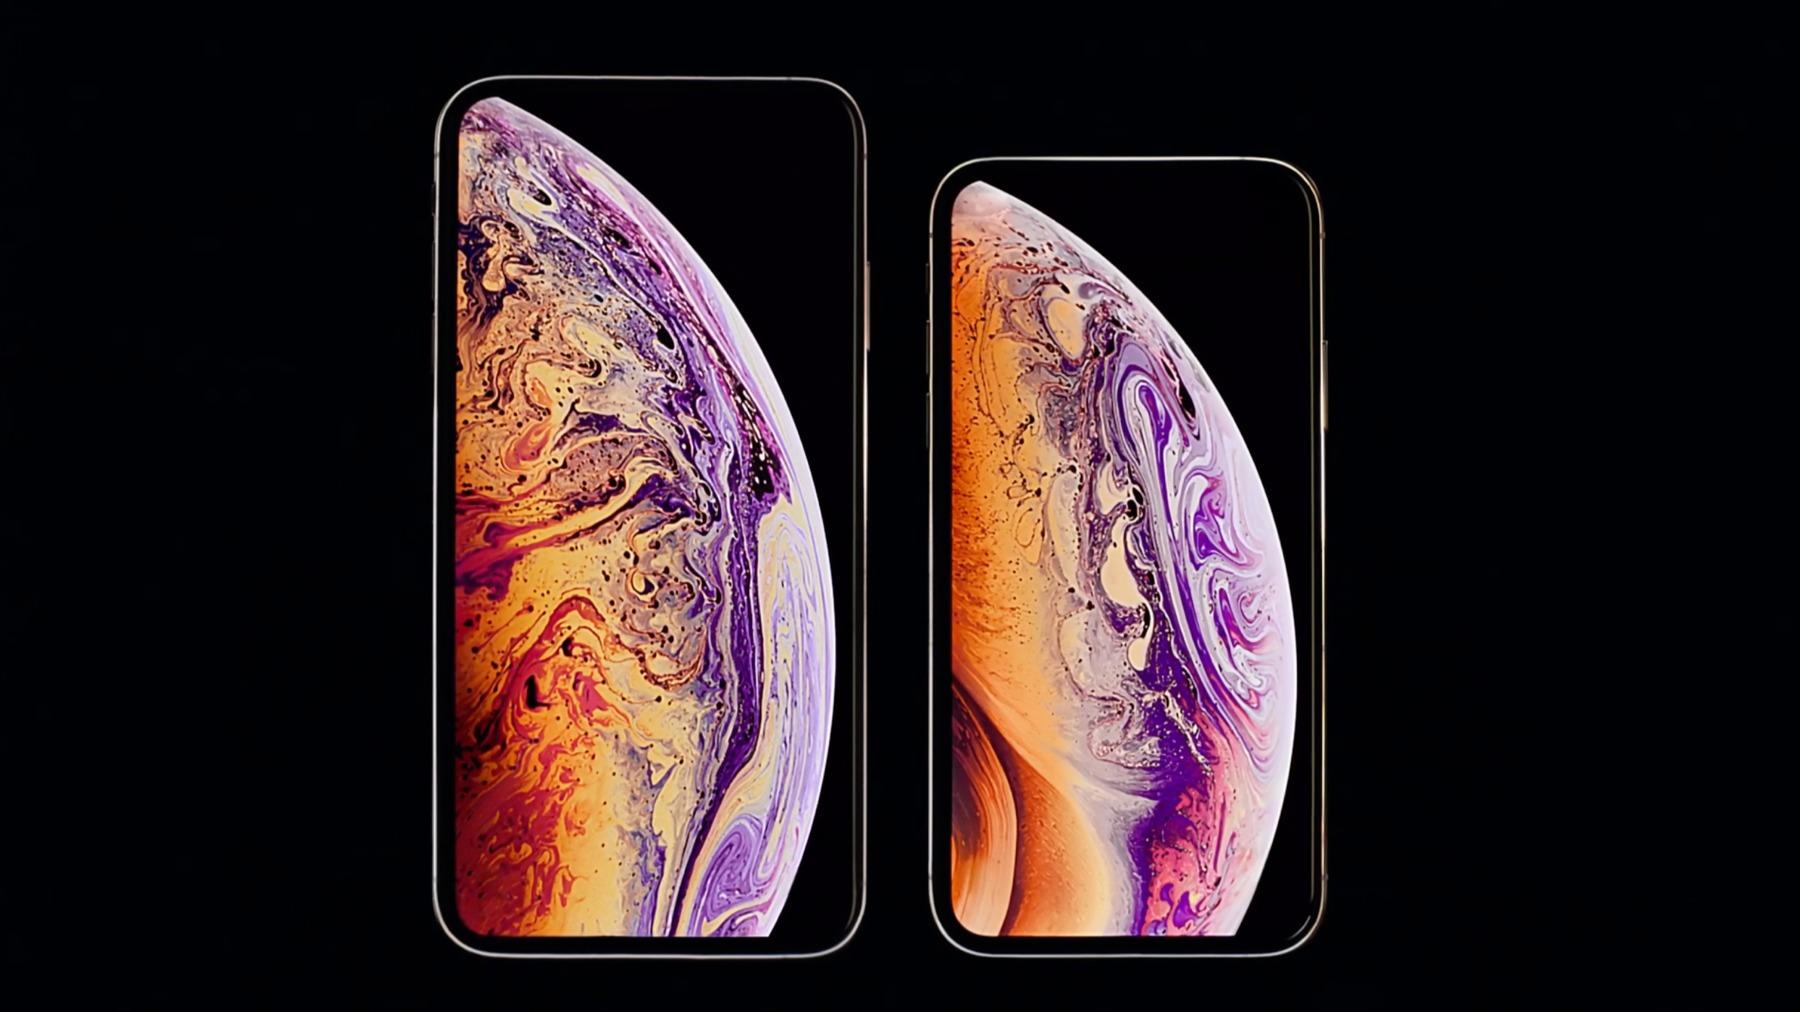 ソフトバンク、「iPhone XS/XS Max」の販売価格を発表!半額サポートなら2,850円から